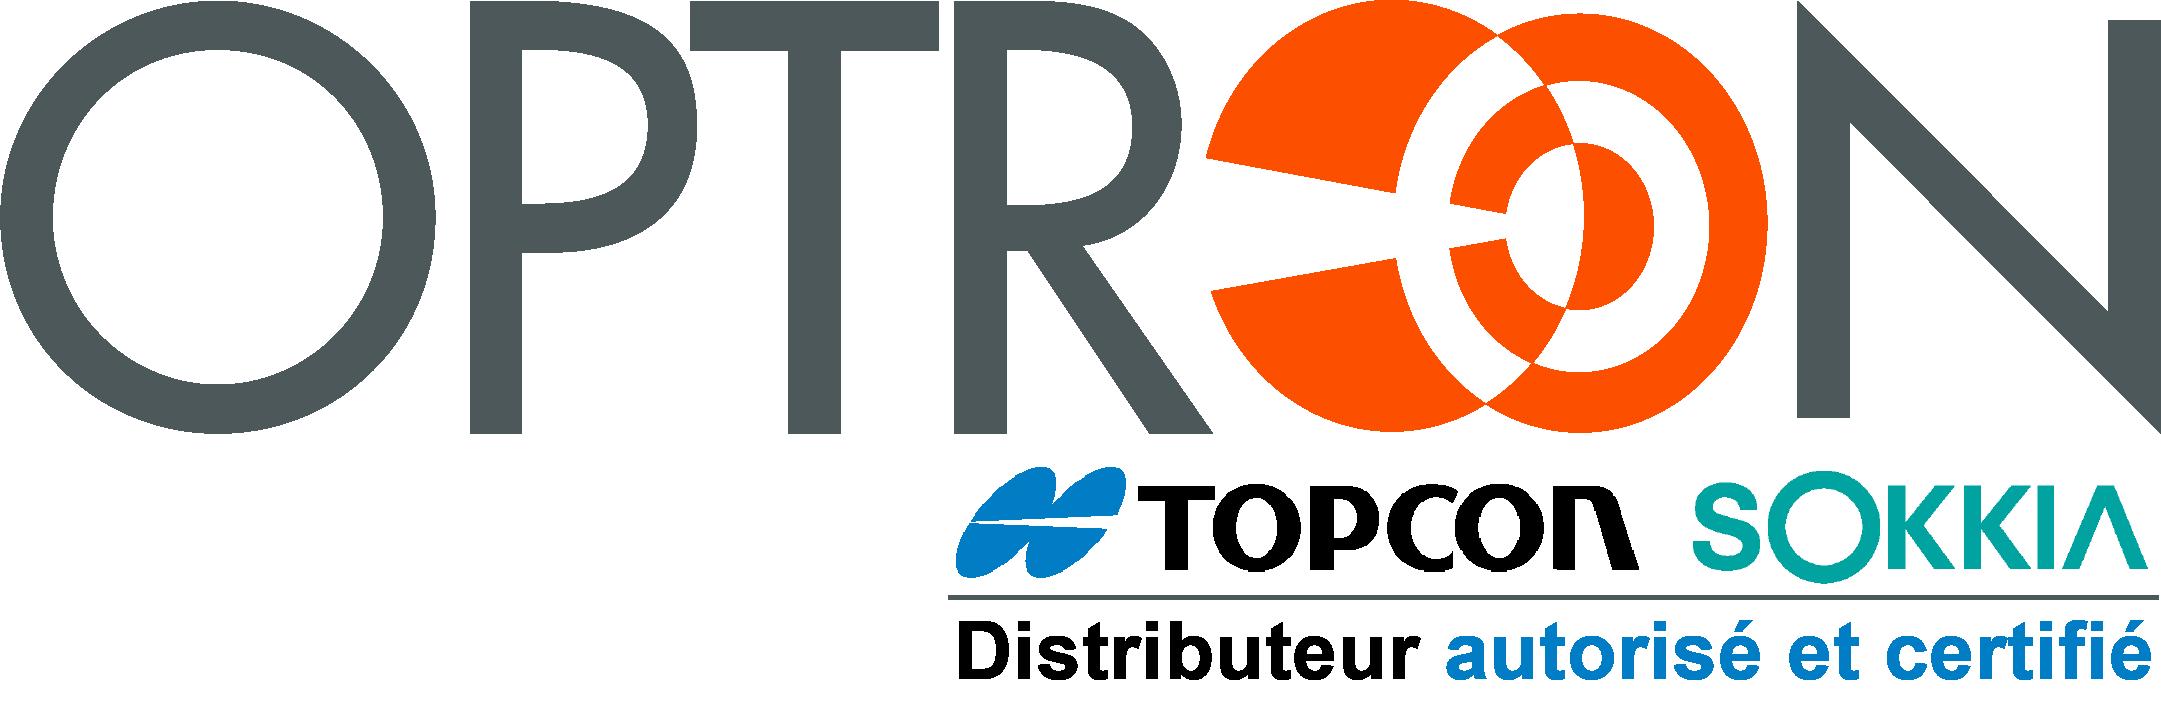 logo header black